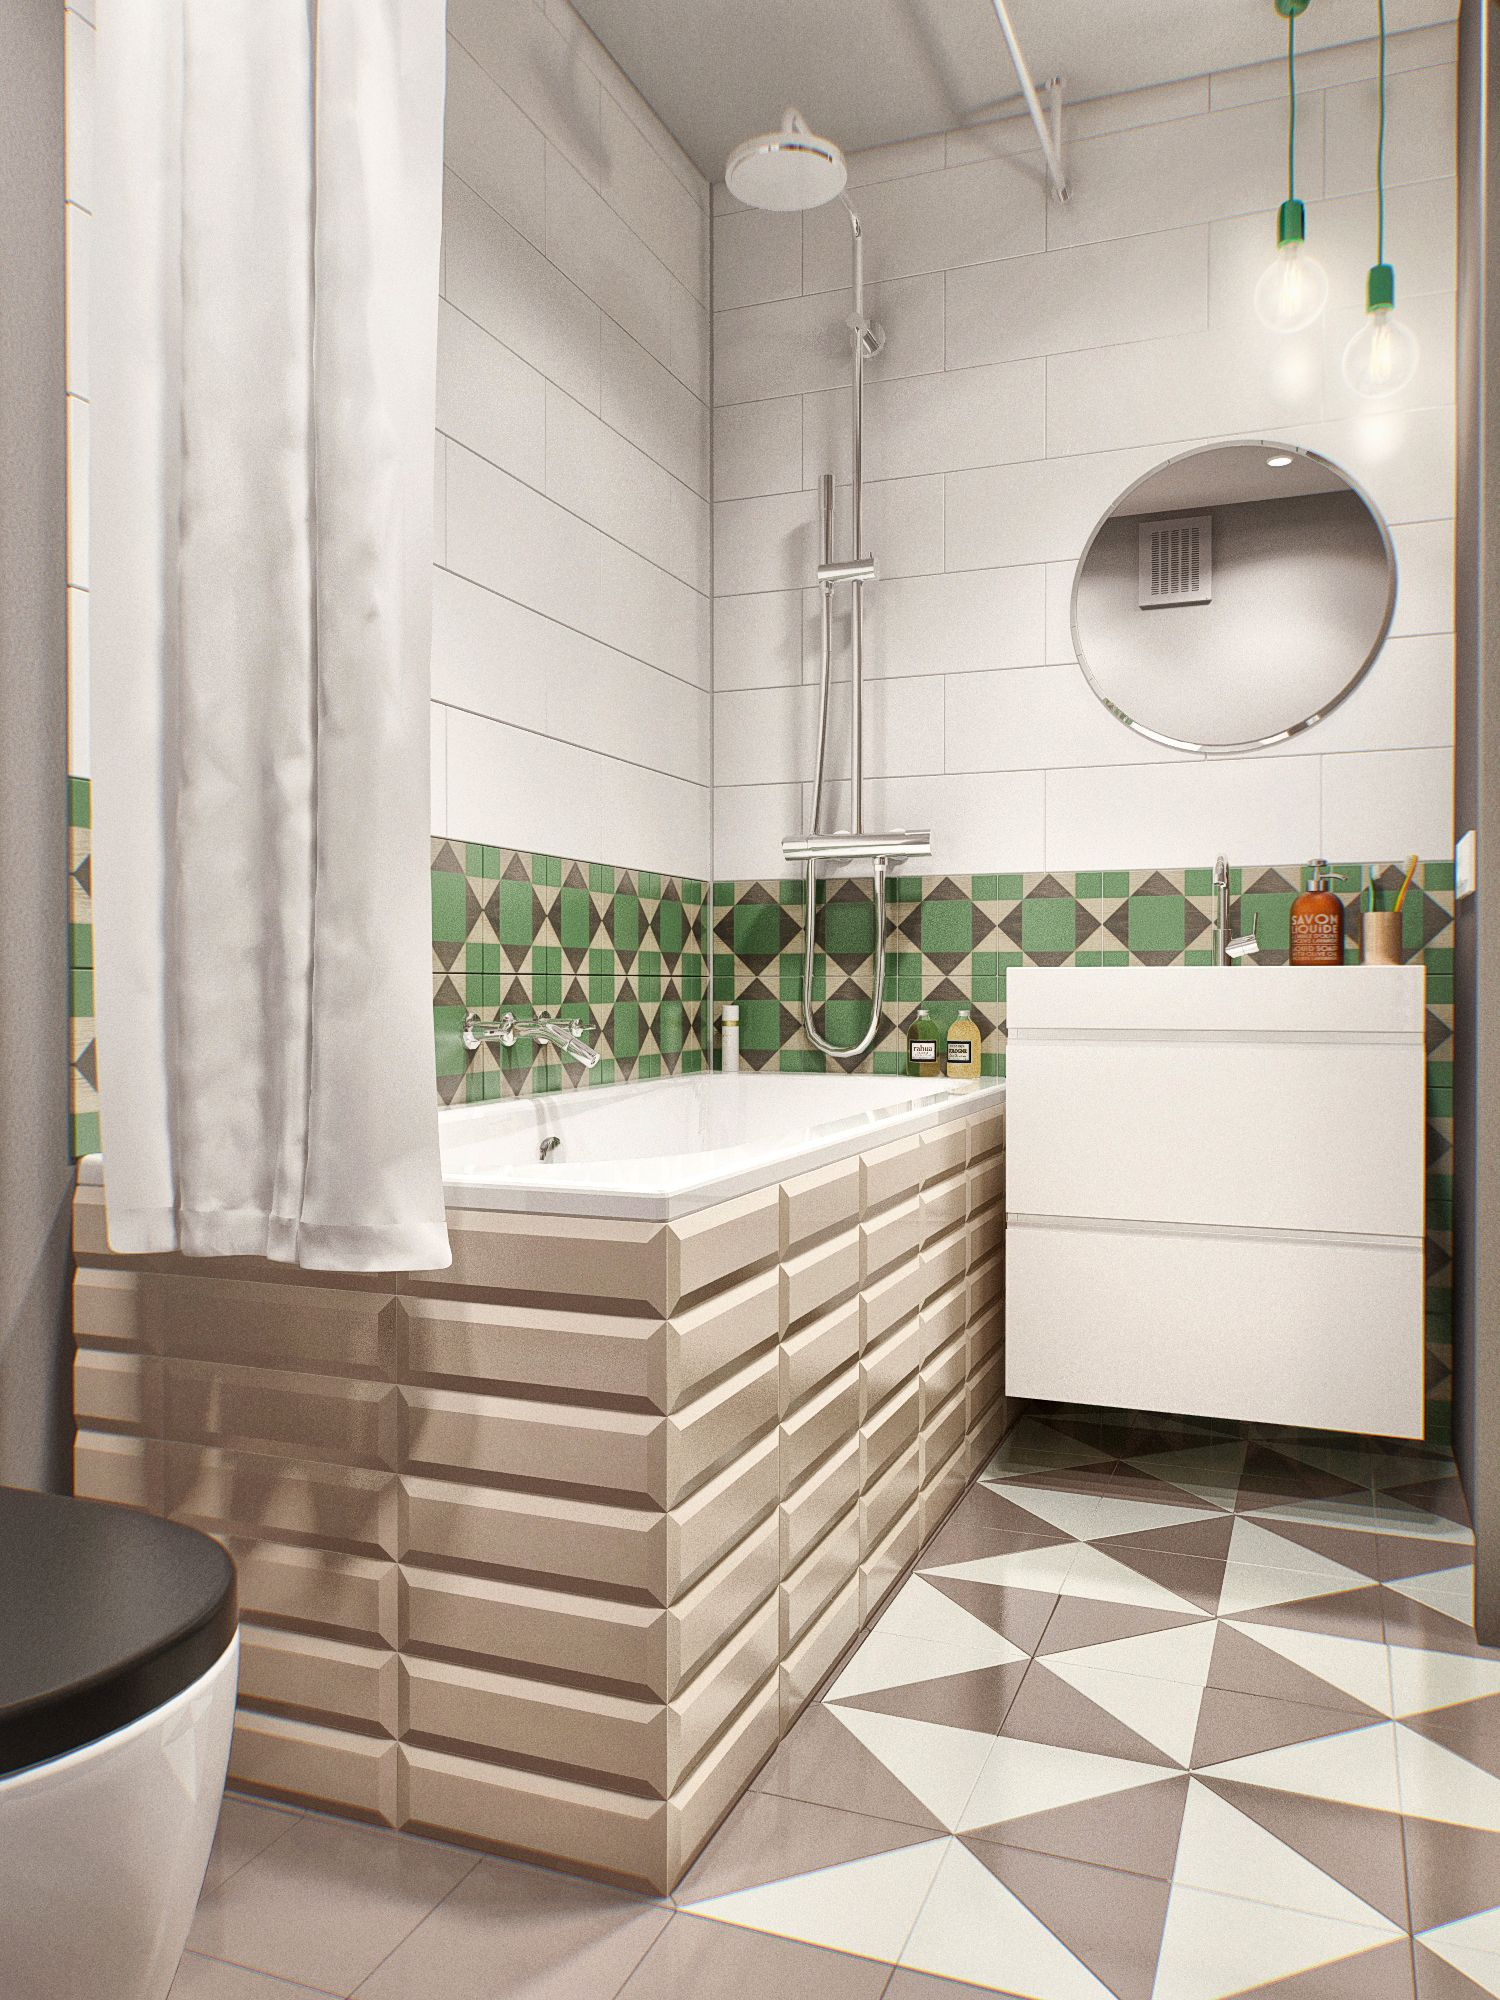 卫生间设计很有创意,瓷砖的铺贴方便主人的擦拭,很好的用帘子做了干湿分离